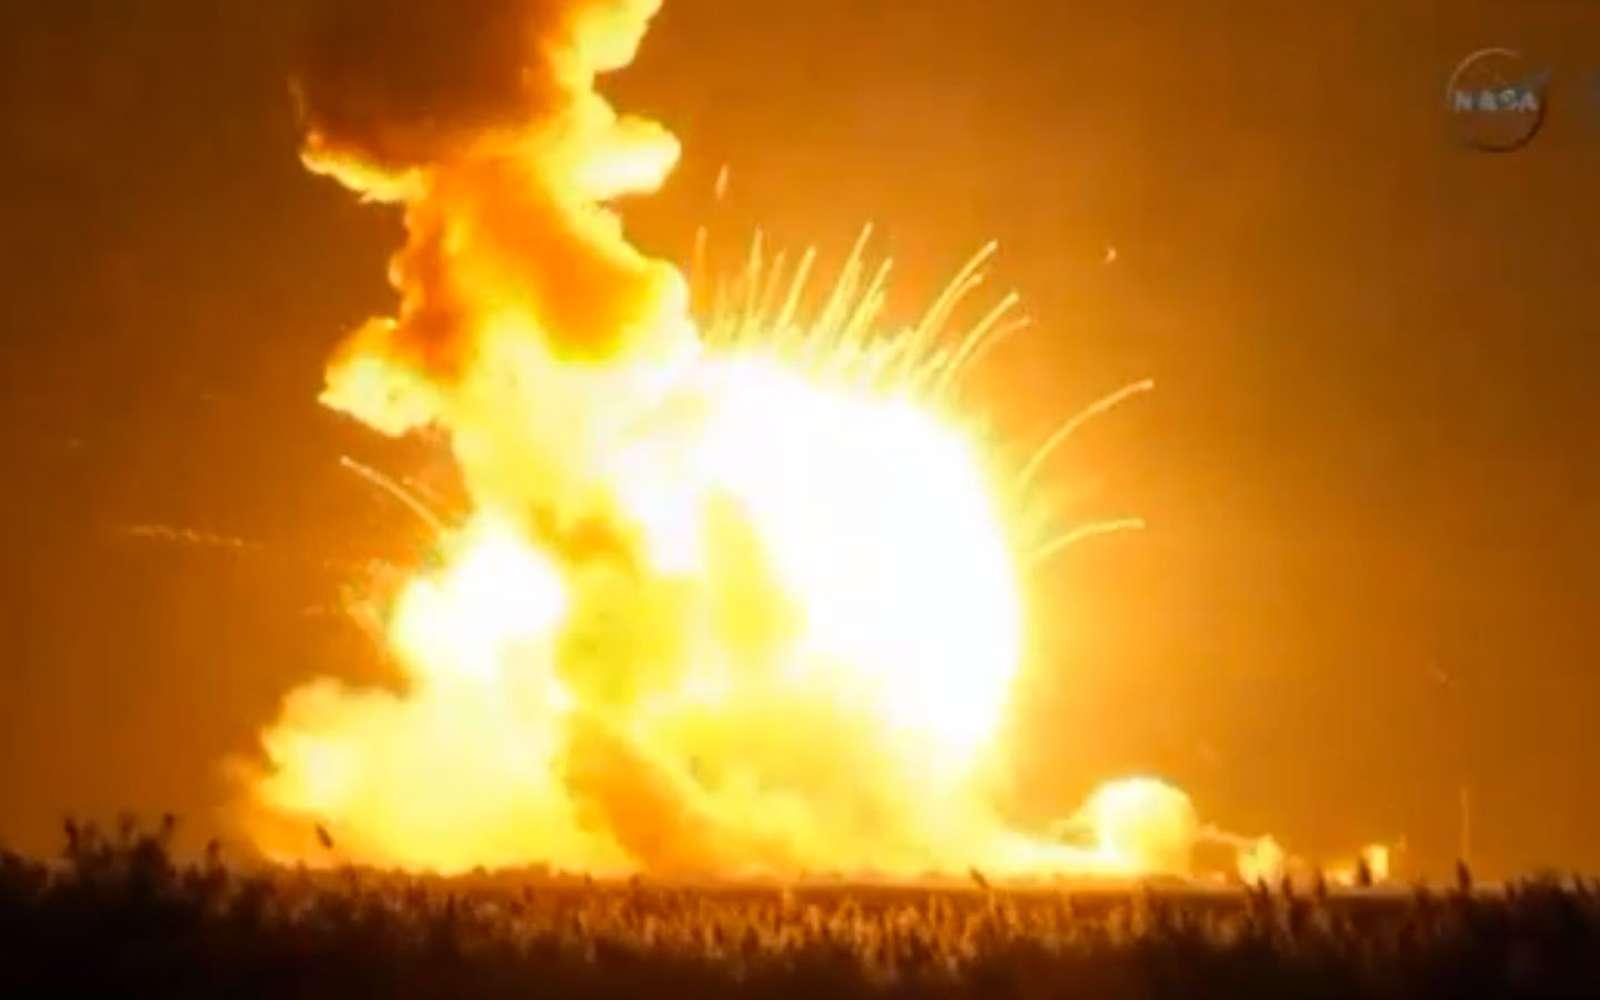 En retombant sur le pas de tir, le lanceur Antares a provoqué une seconde explosion. © Nasa TV